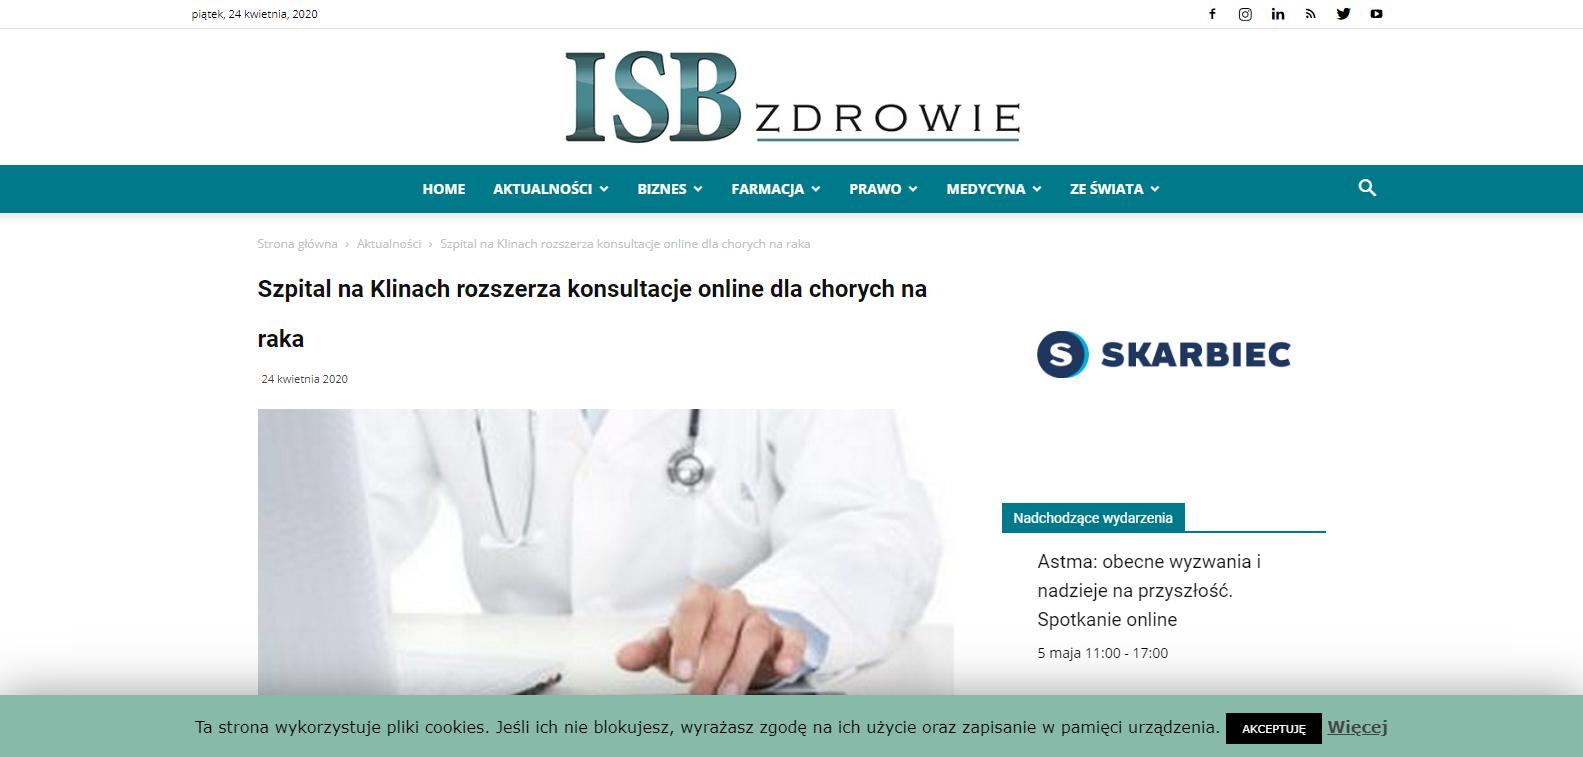 Szpital na Klinach rozszerza konsultacje online dla chorych na raka